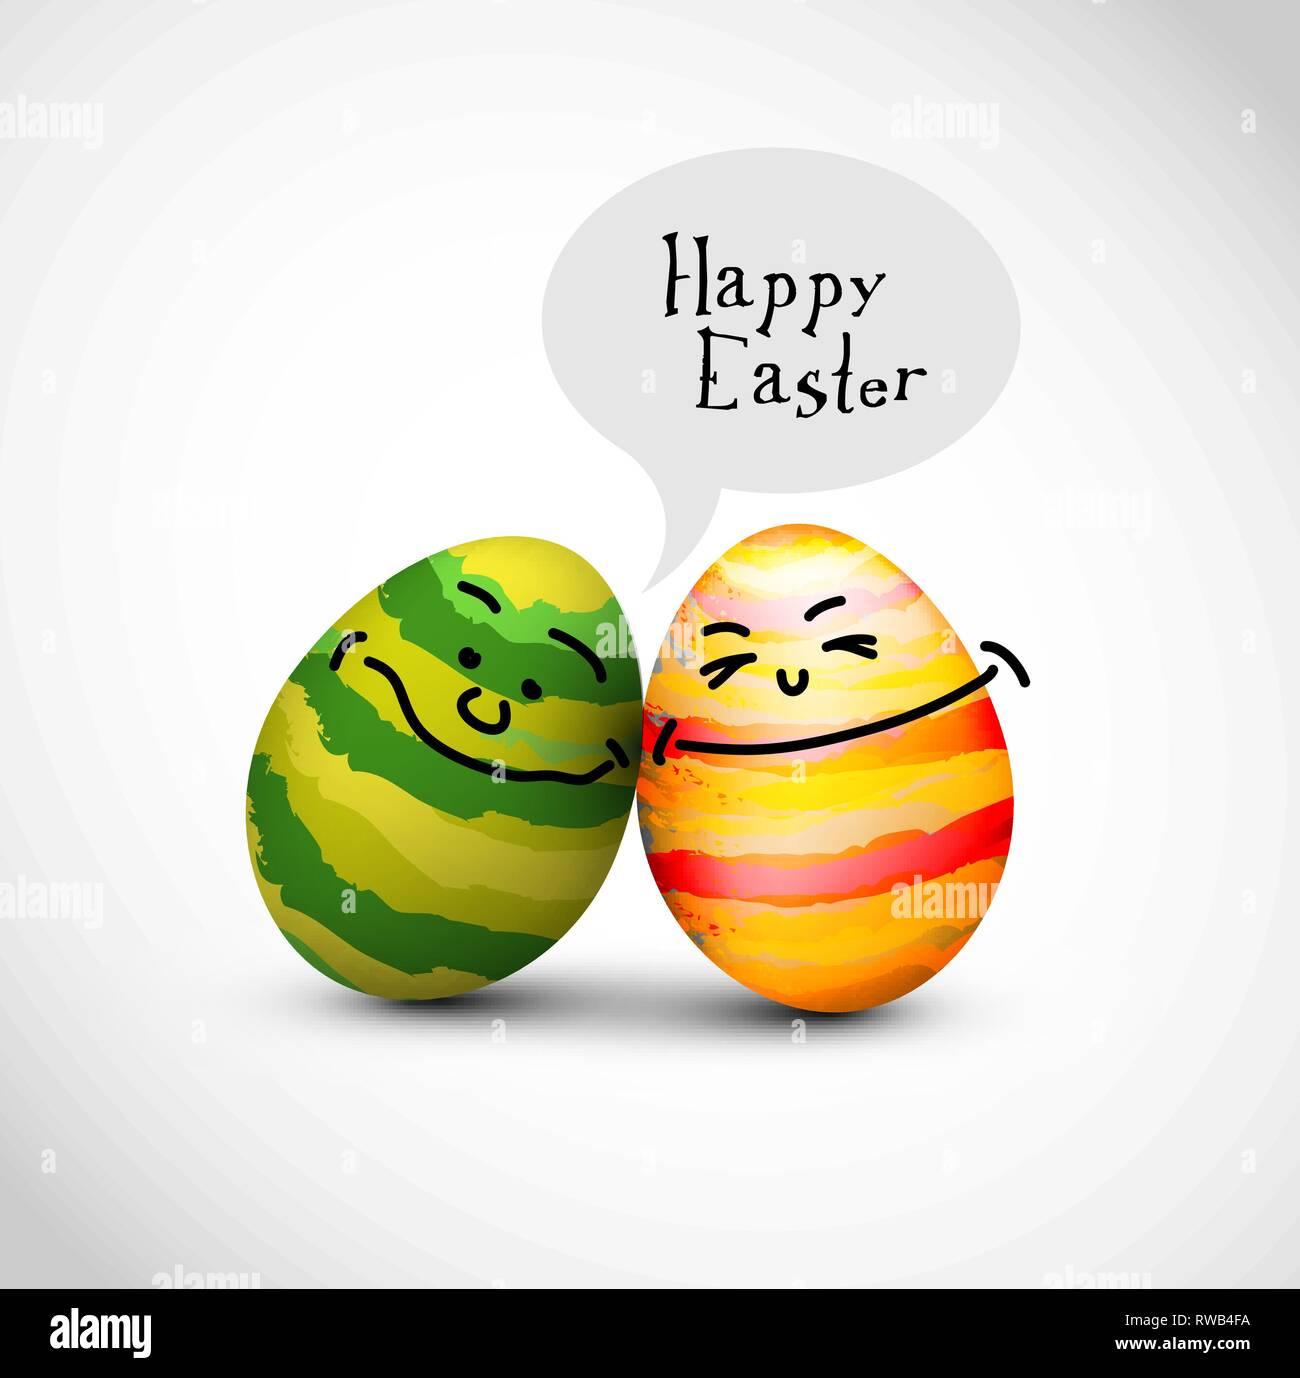 Lustig verzierten Ostereier mit einer Sprechblase sagen Frohe Ostern Stockbild